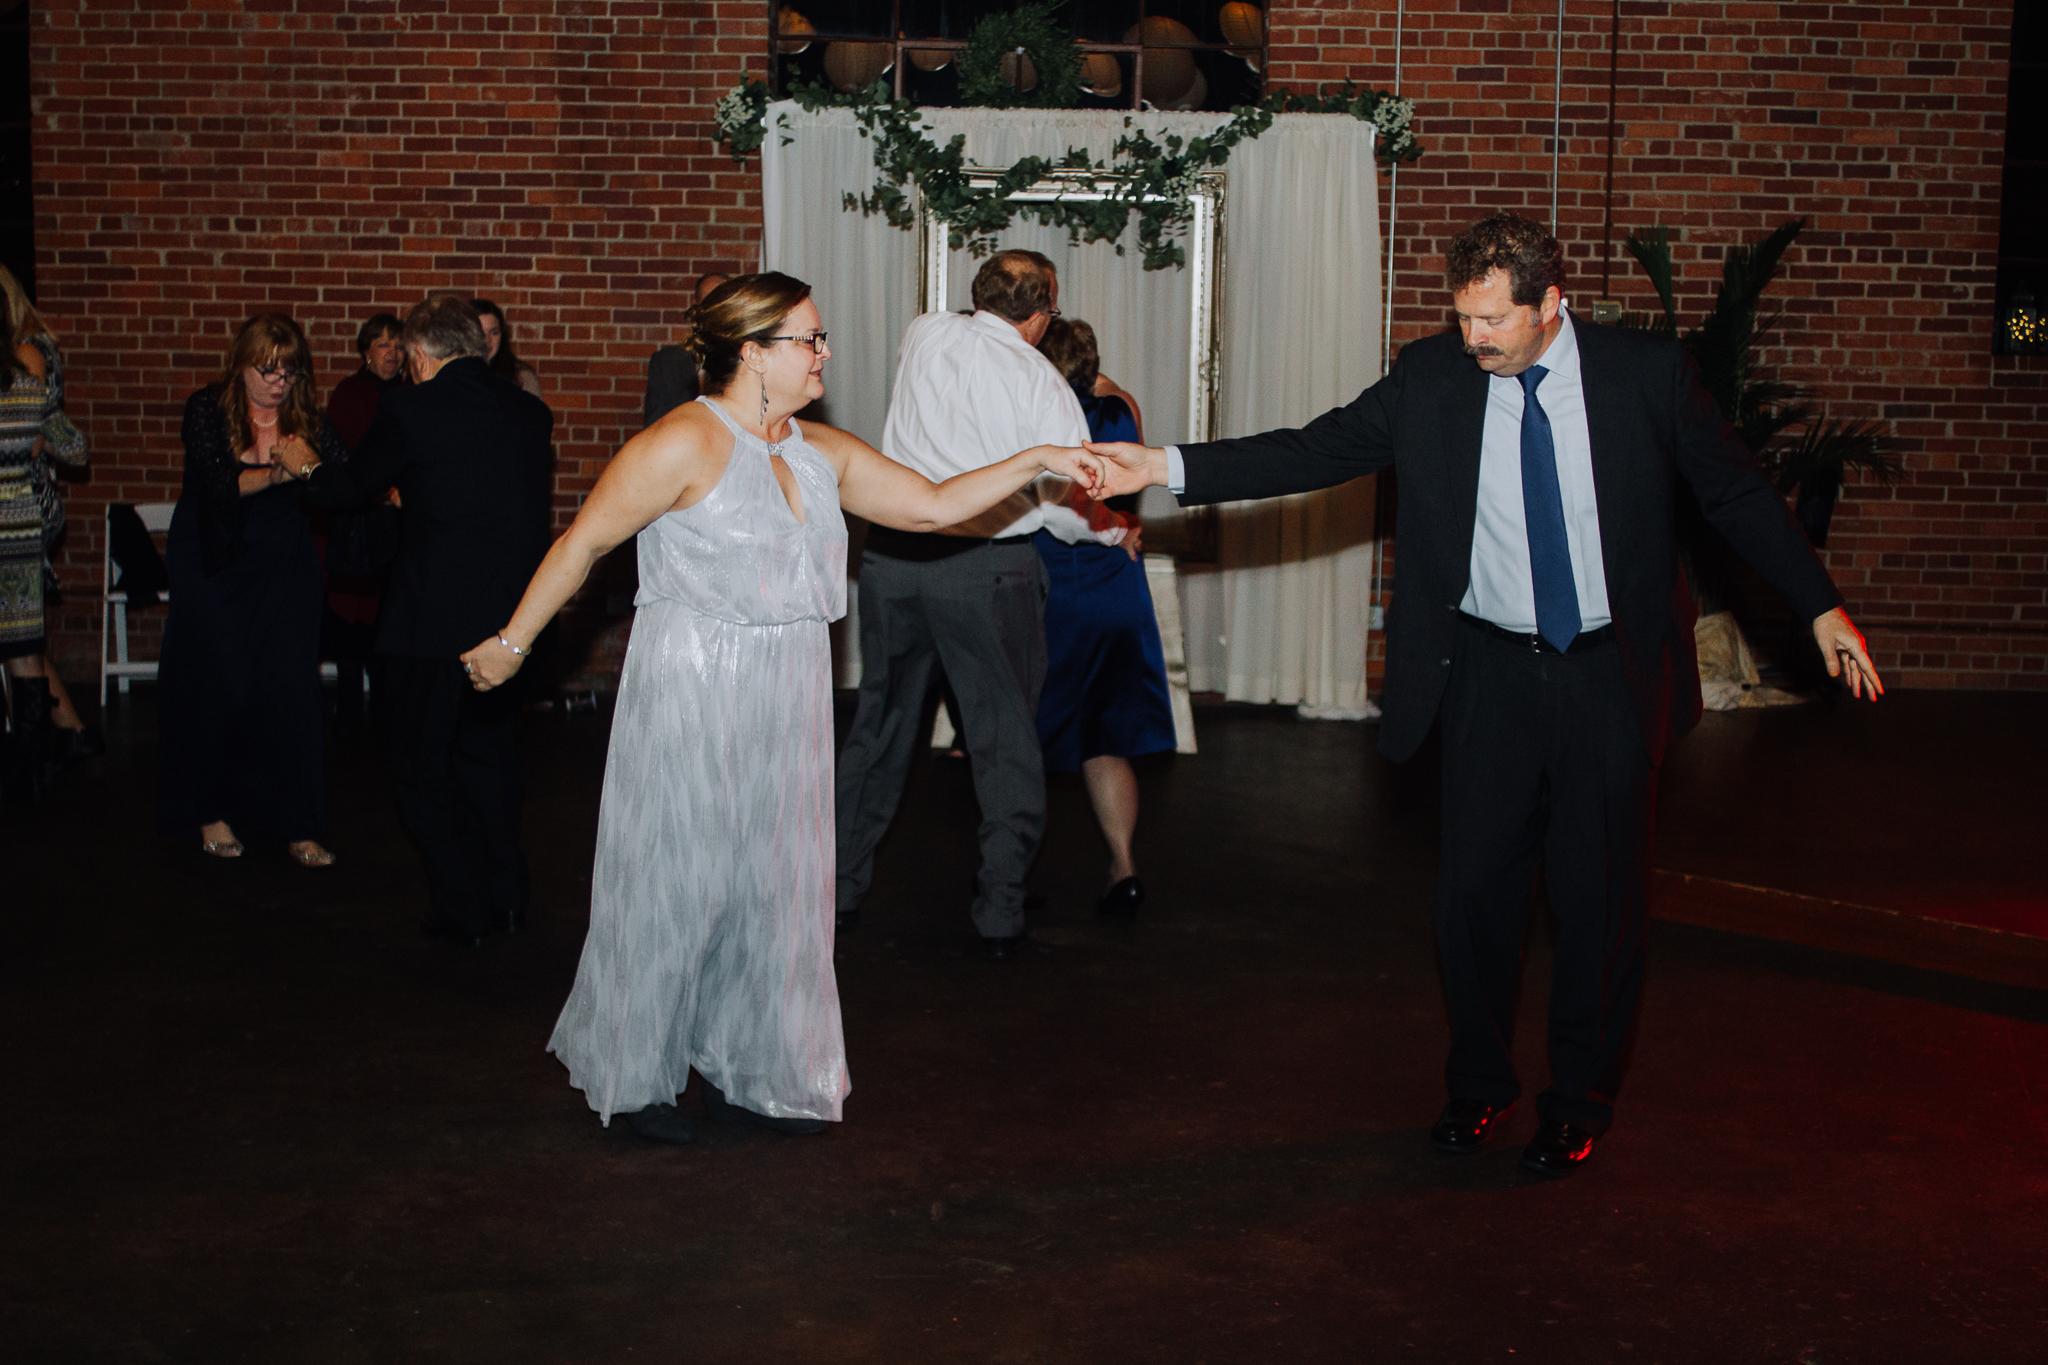 columbia-sc-wedding-photographer-winter-senates-end-downtown-44